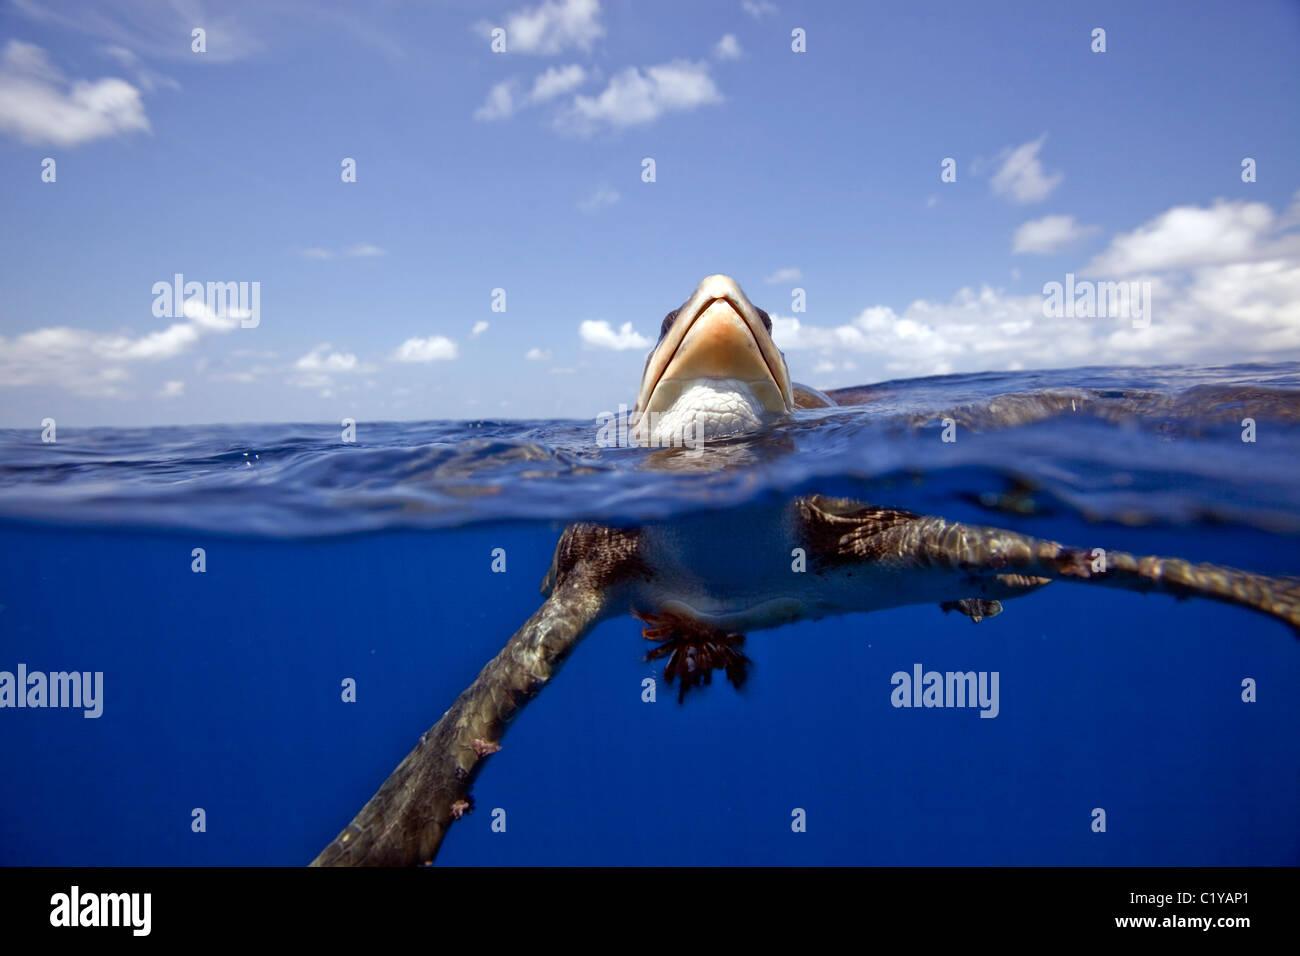 Una división de agua de un raro ver Ridley de Tortugas Marinas en la Isla de Cocos en la costa de Costa Rica. Imagen De Stock